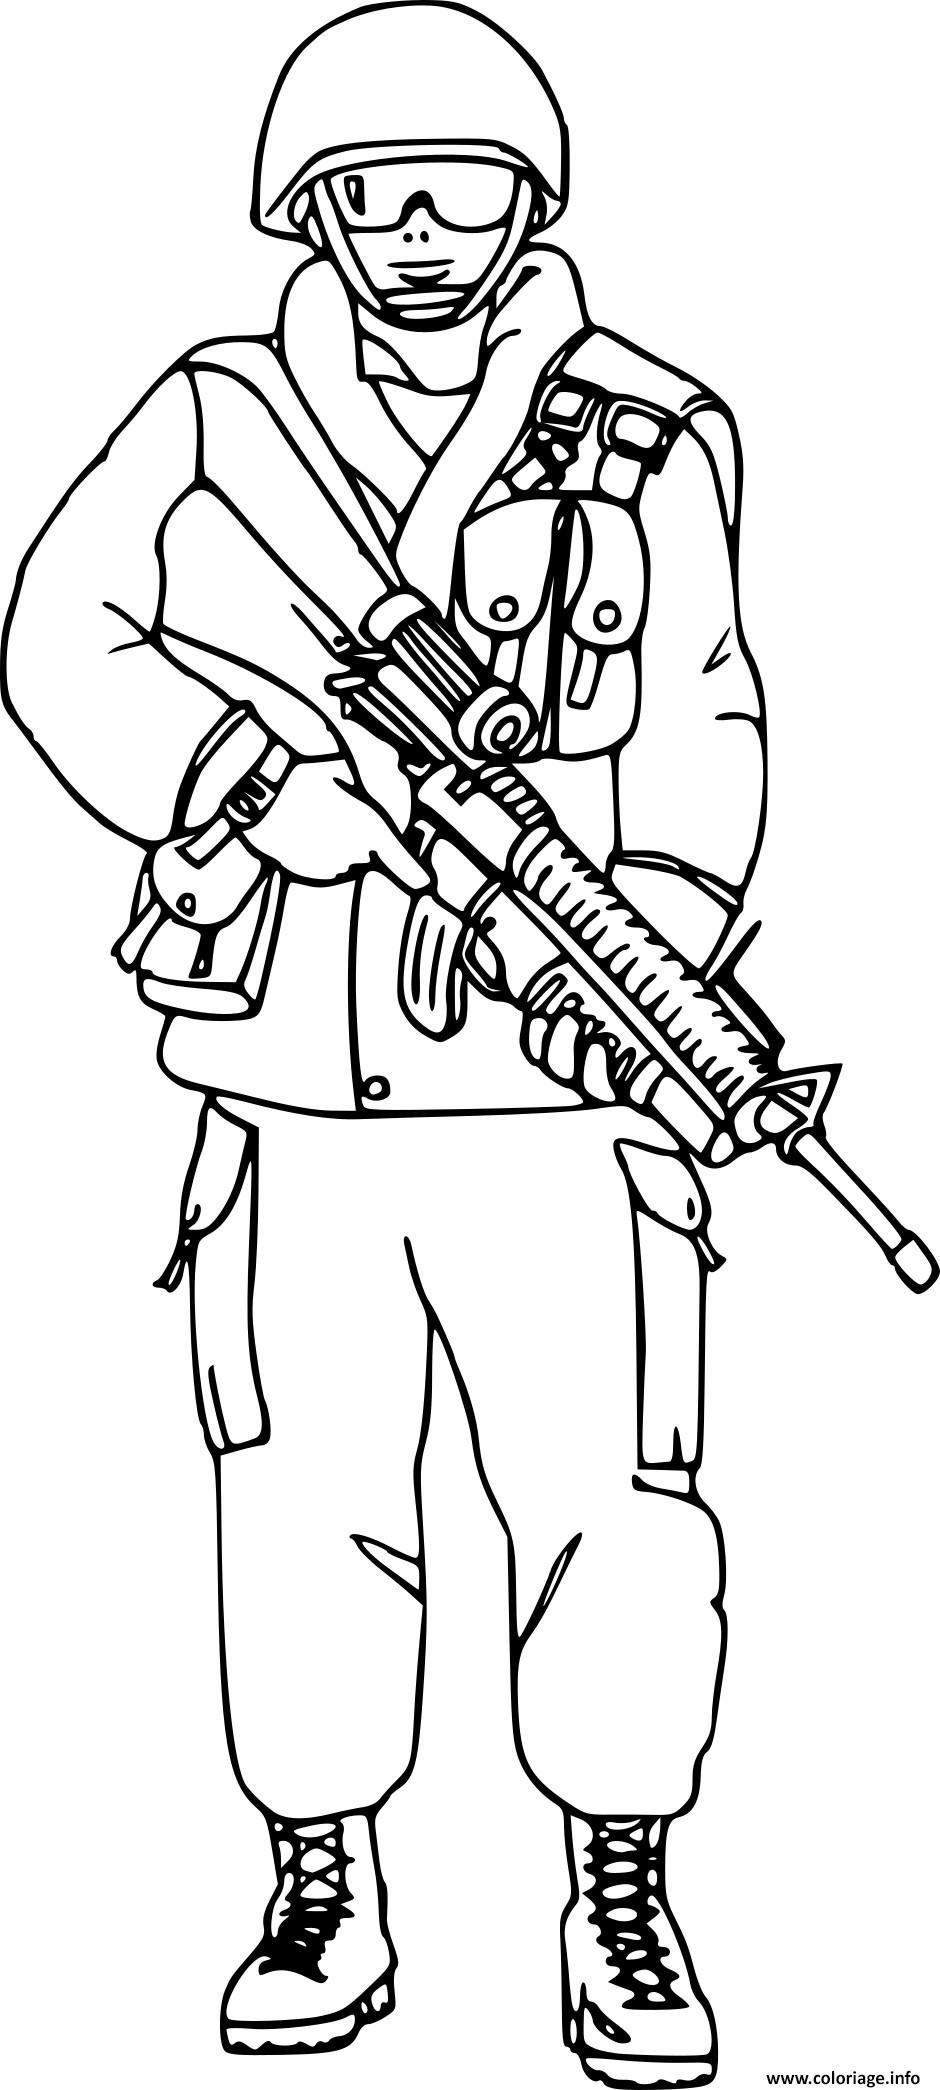 Dessin soldat militaire avec lunette Coloriage Gratuit à Imprimer